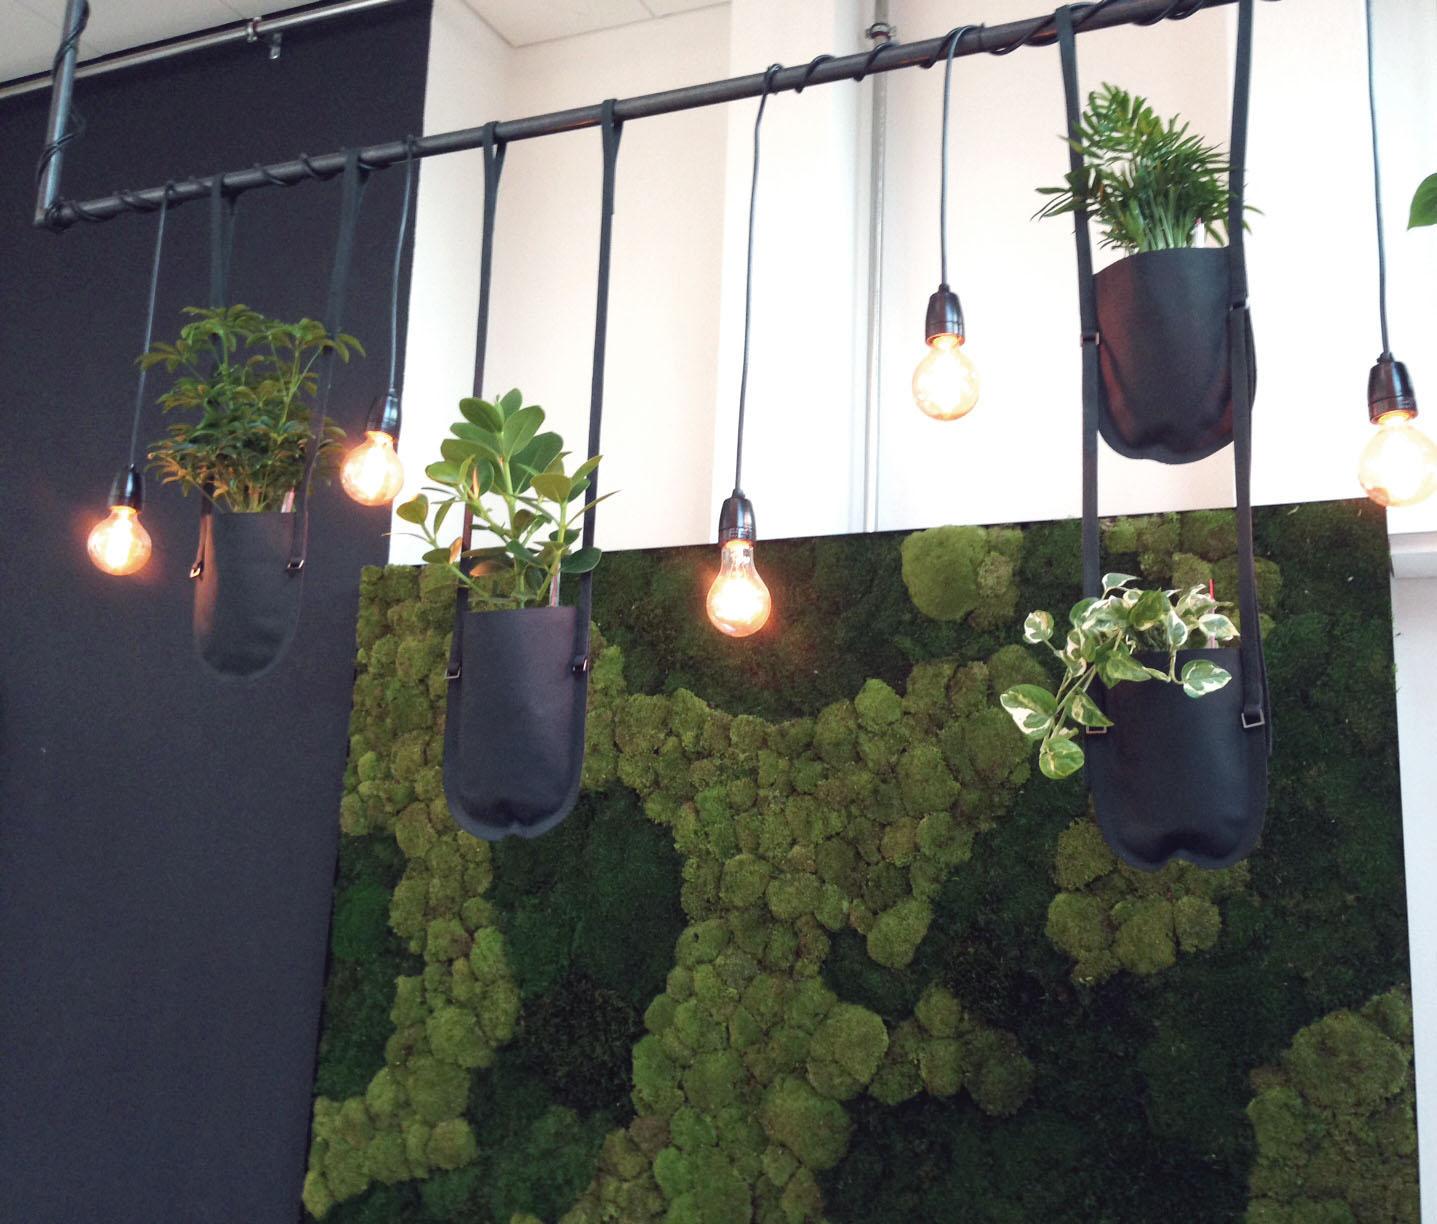 Beleuchtung Design: Mia Kepenek,Hydroplant vertikale Pflanzenwand und Authentics Pflanztaschen